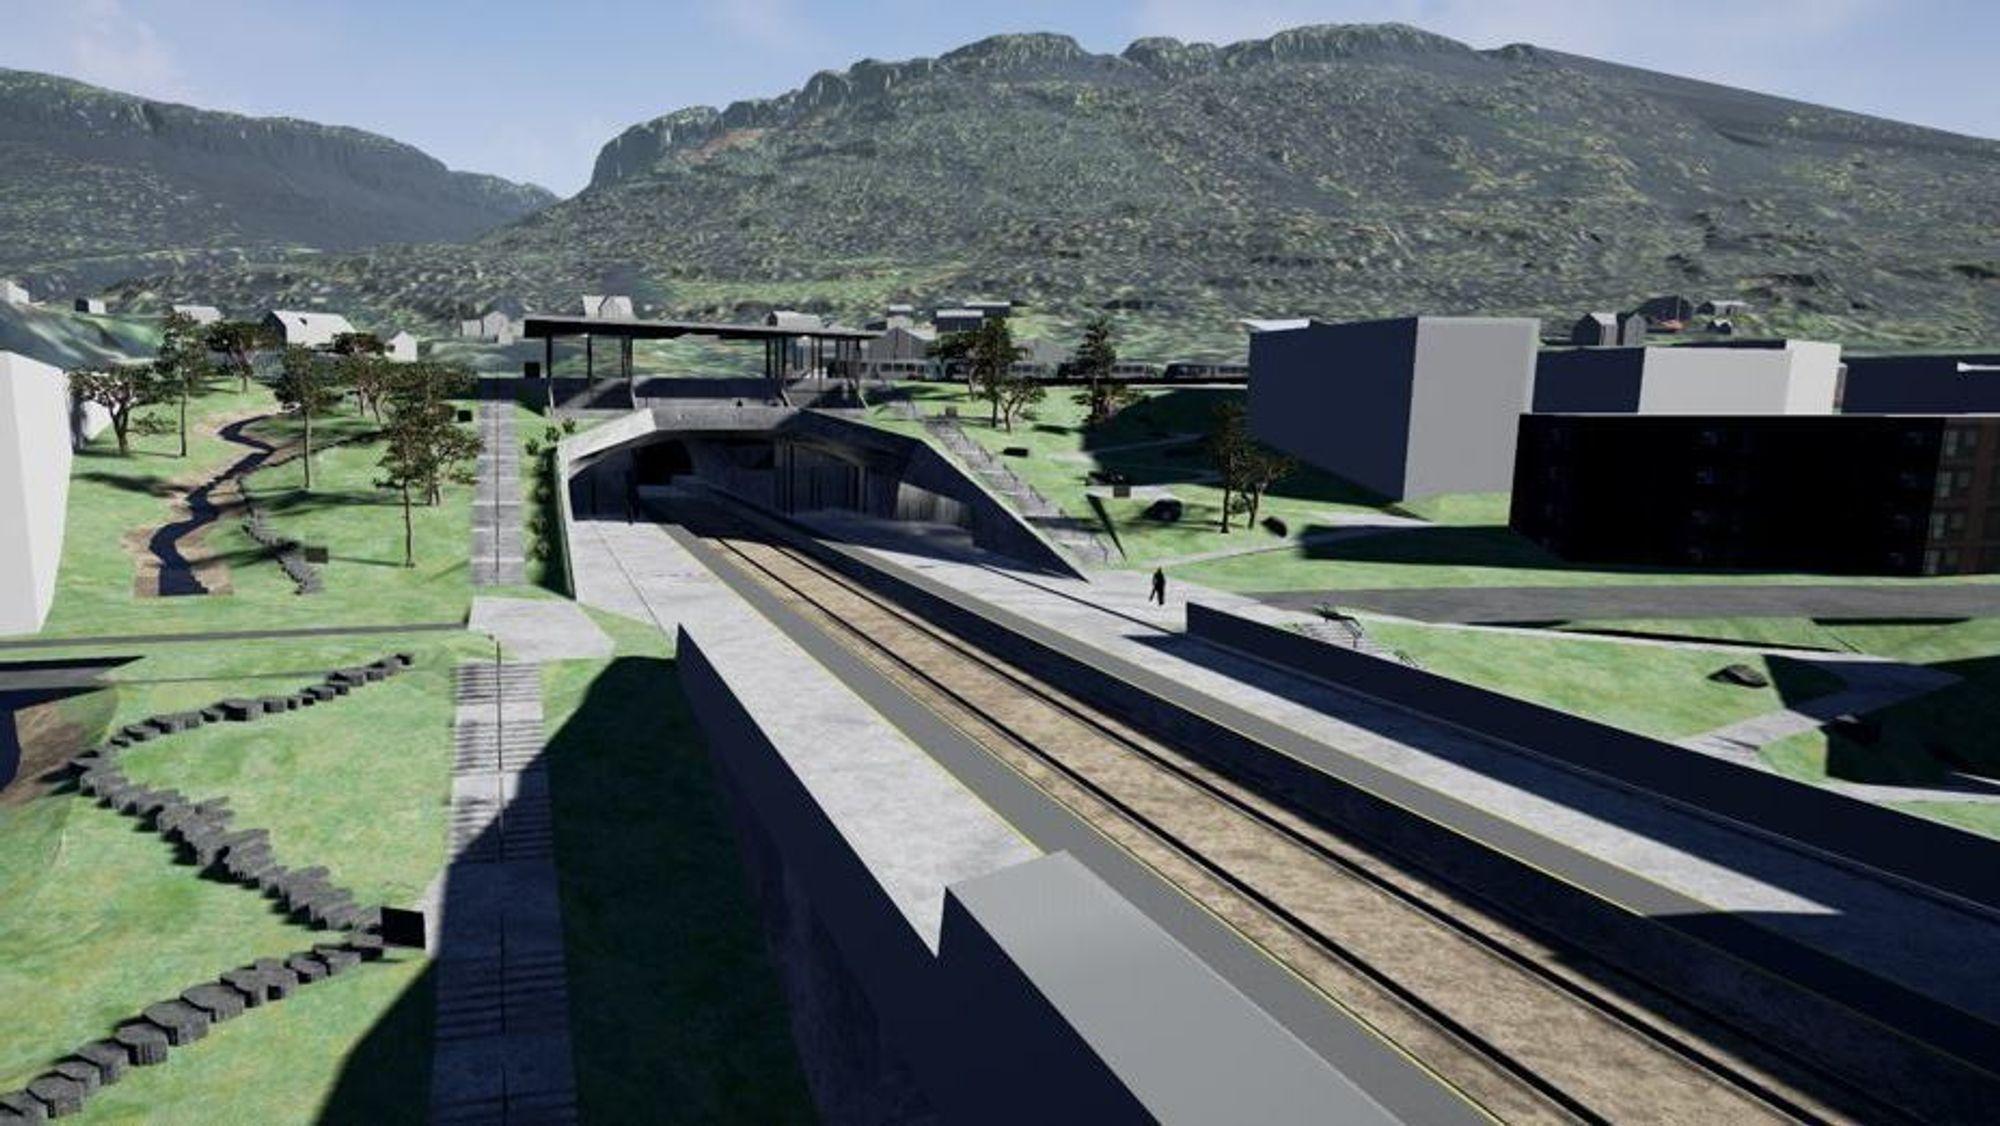 Slakter prosjektet: En ekspertgruppe mener blant annet at den 23 kilometer lange tunnelen mellom Sandvika og Sundvollen burde bygges med to separate løp. Illustrasjonsbilde.